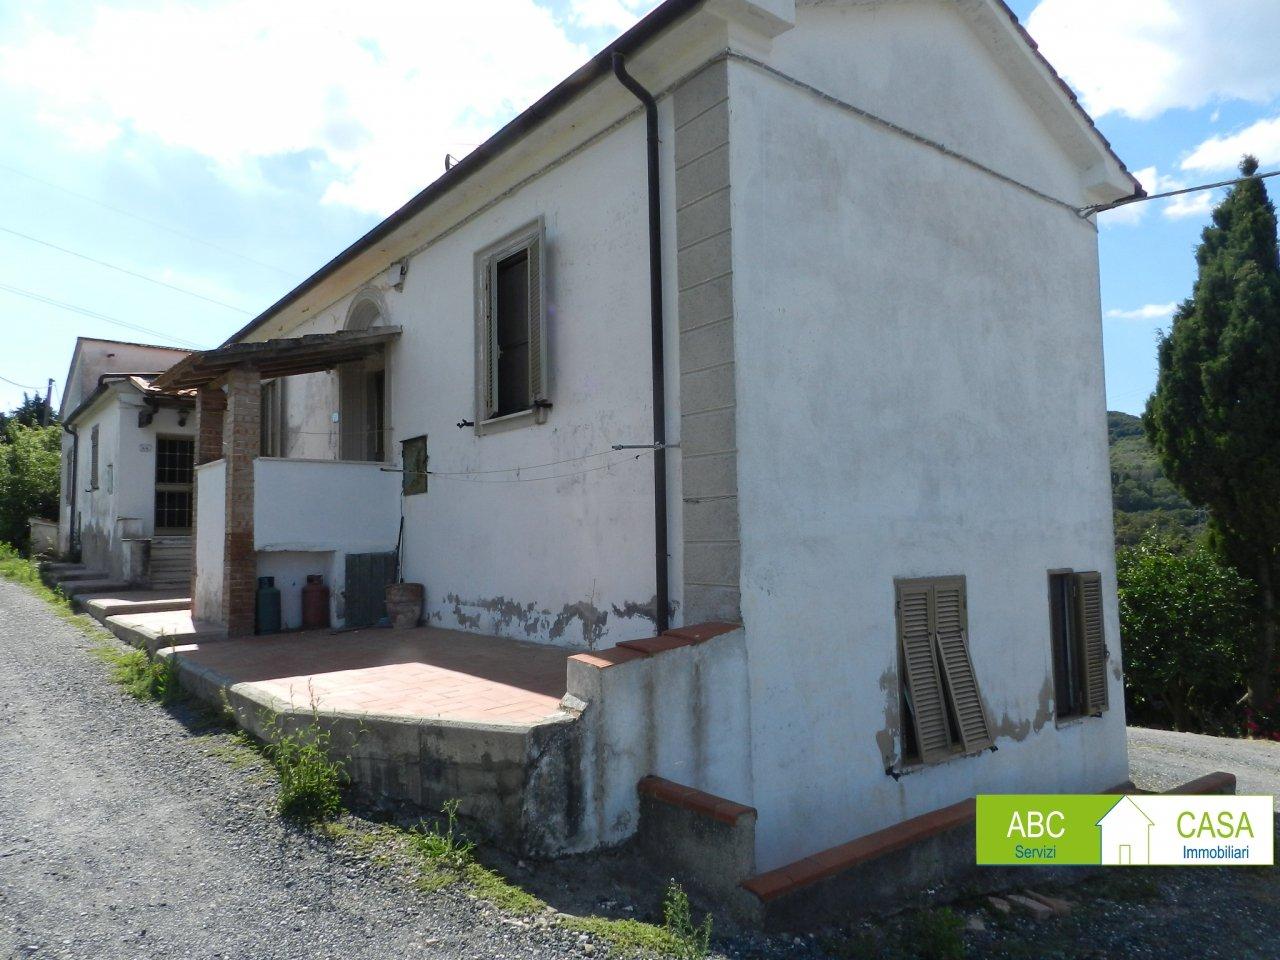 esterno-APPARTAMENTO INDIPENDENTE-in-vendita-Castelnuovo M.dia-R1002